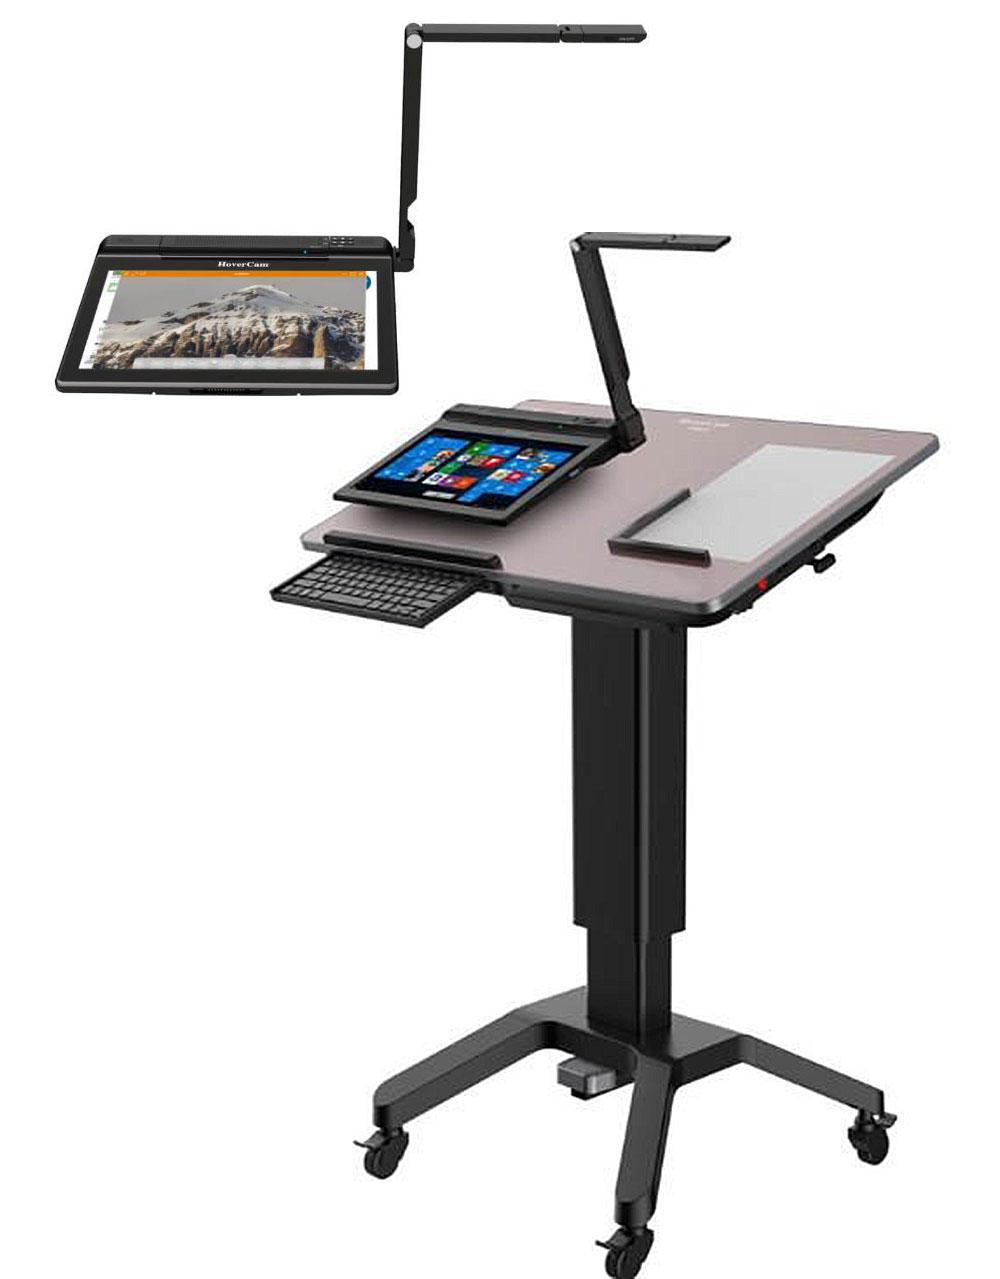 HoverCam digitale Lehrstation